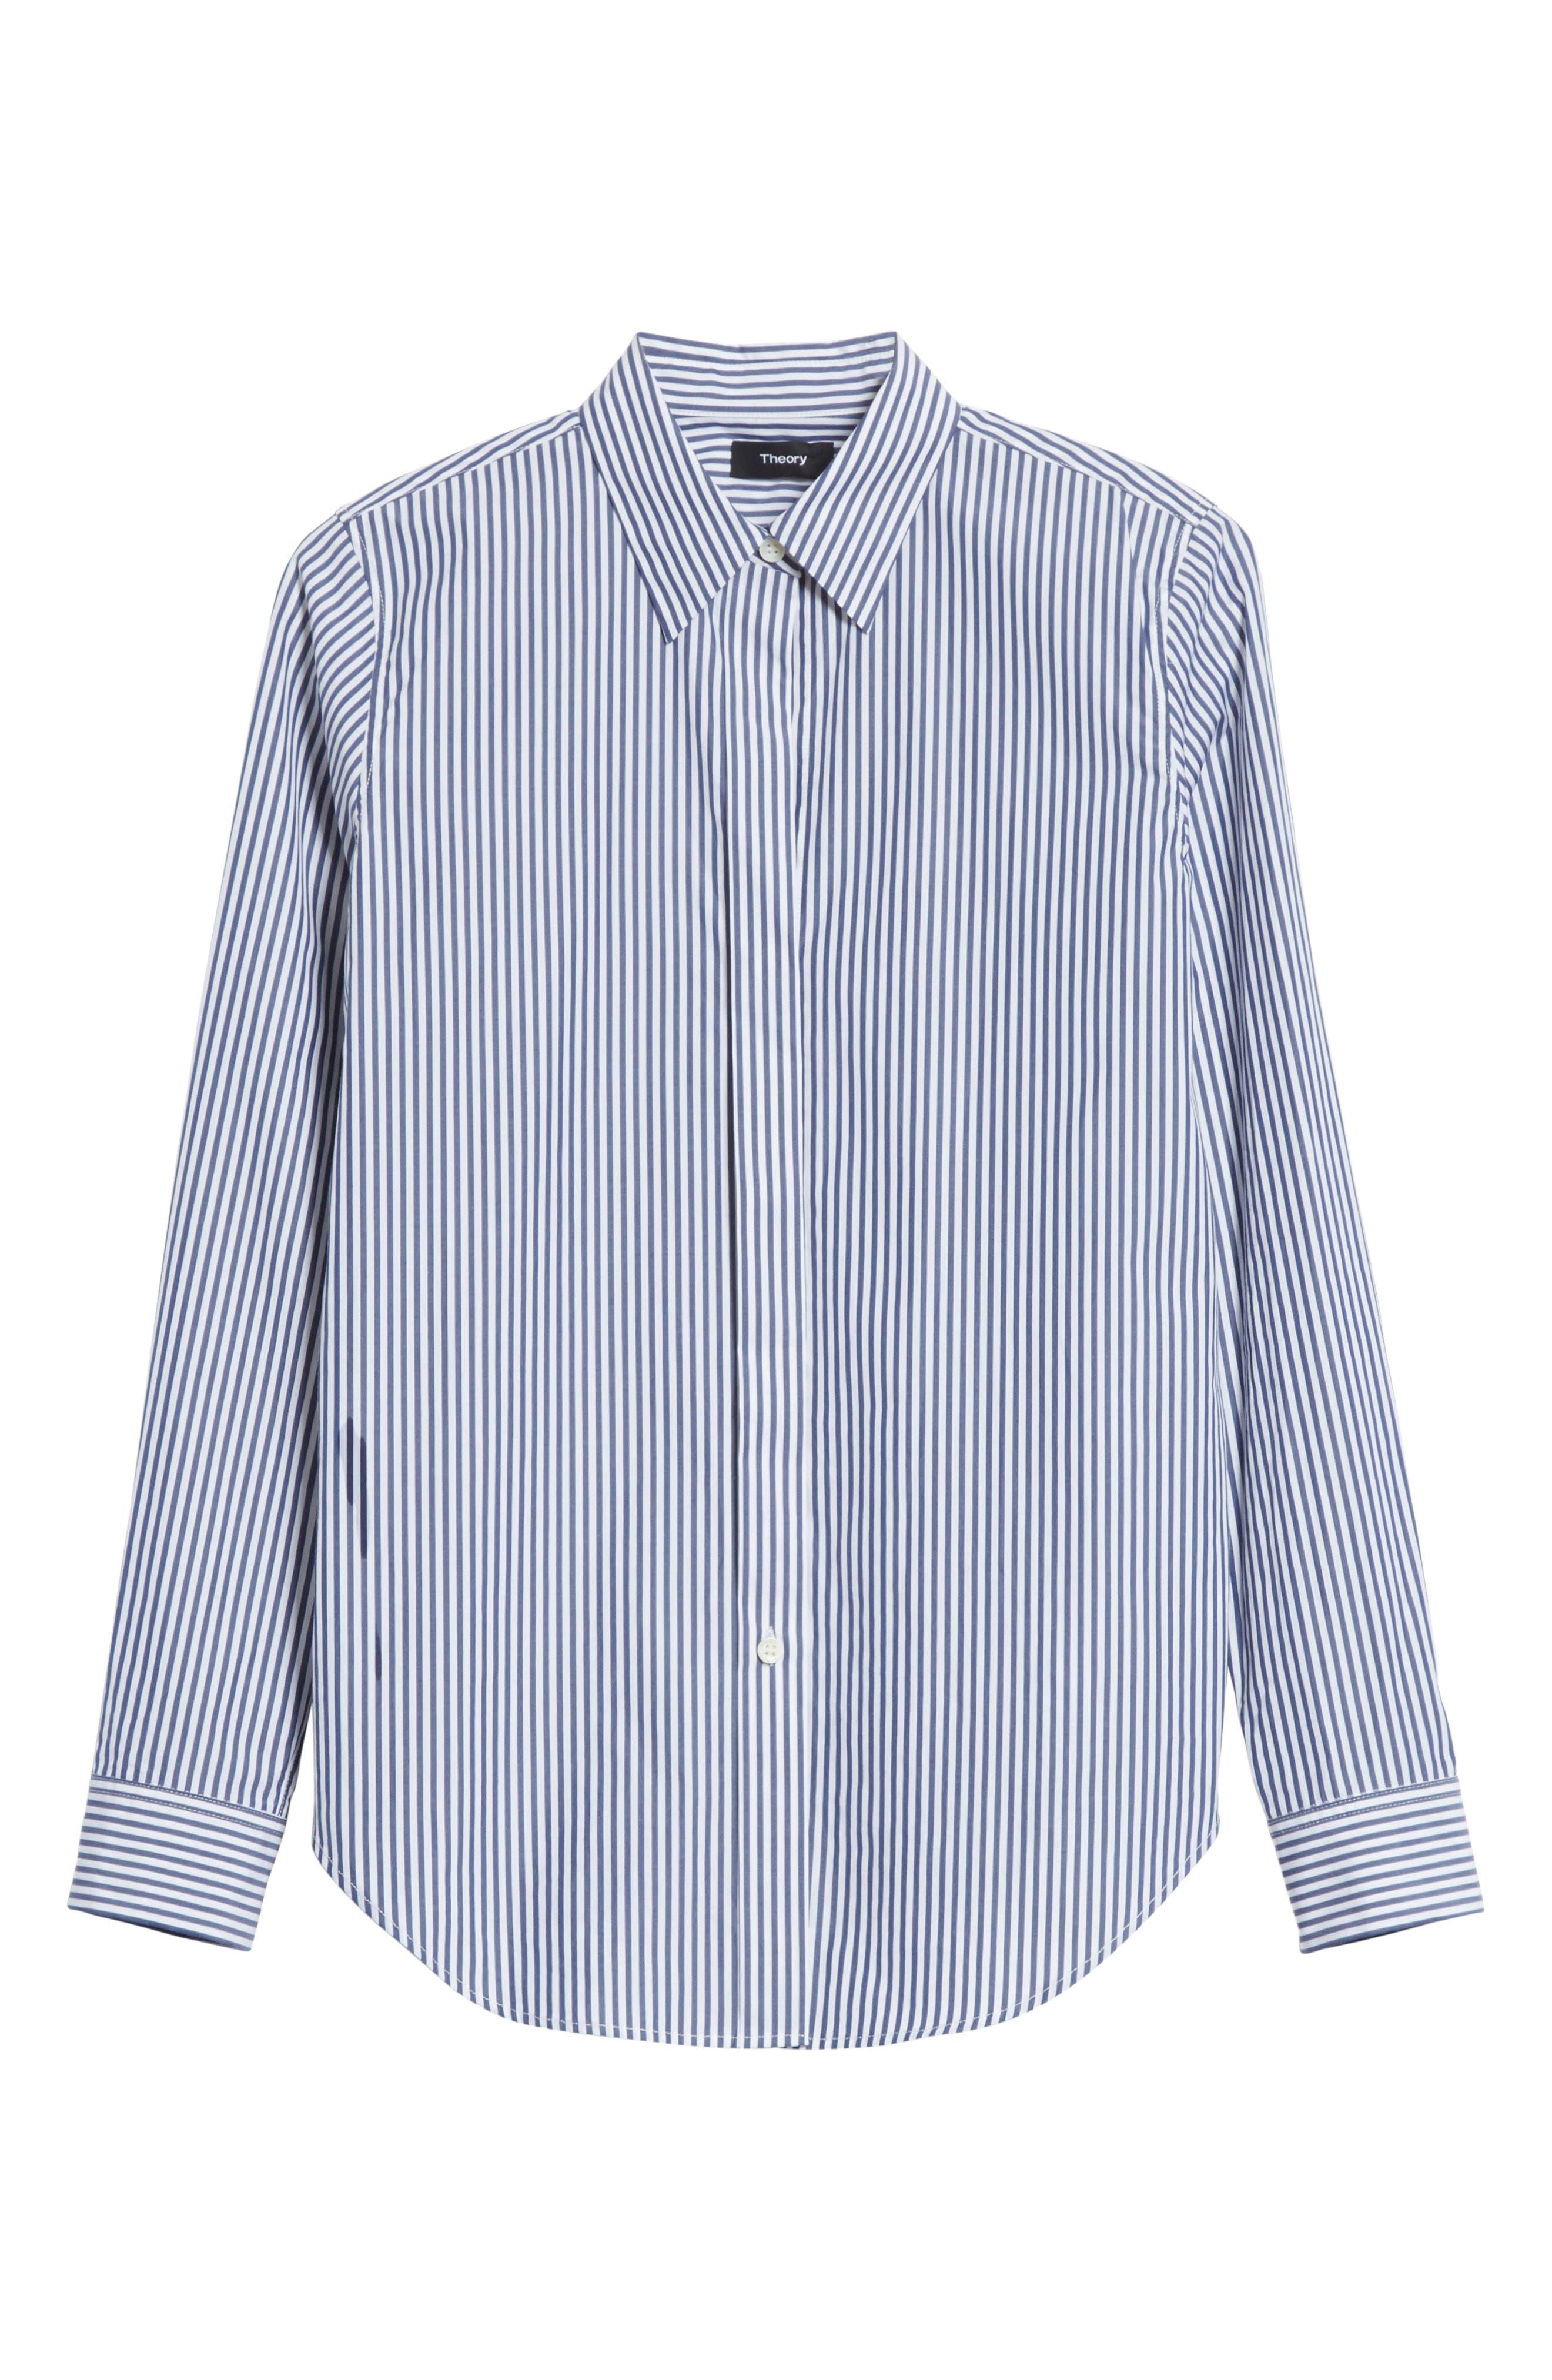 Essential Button Down Cotton Shirt,                             Alternate thumbnail 6, color,                             Blue/ White